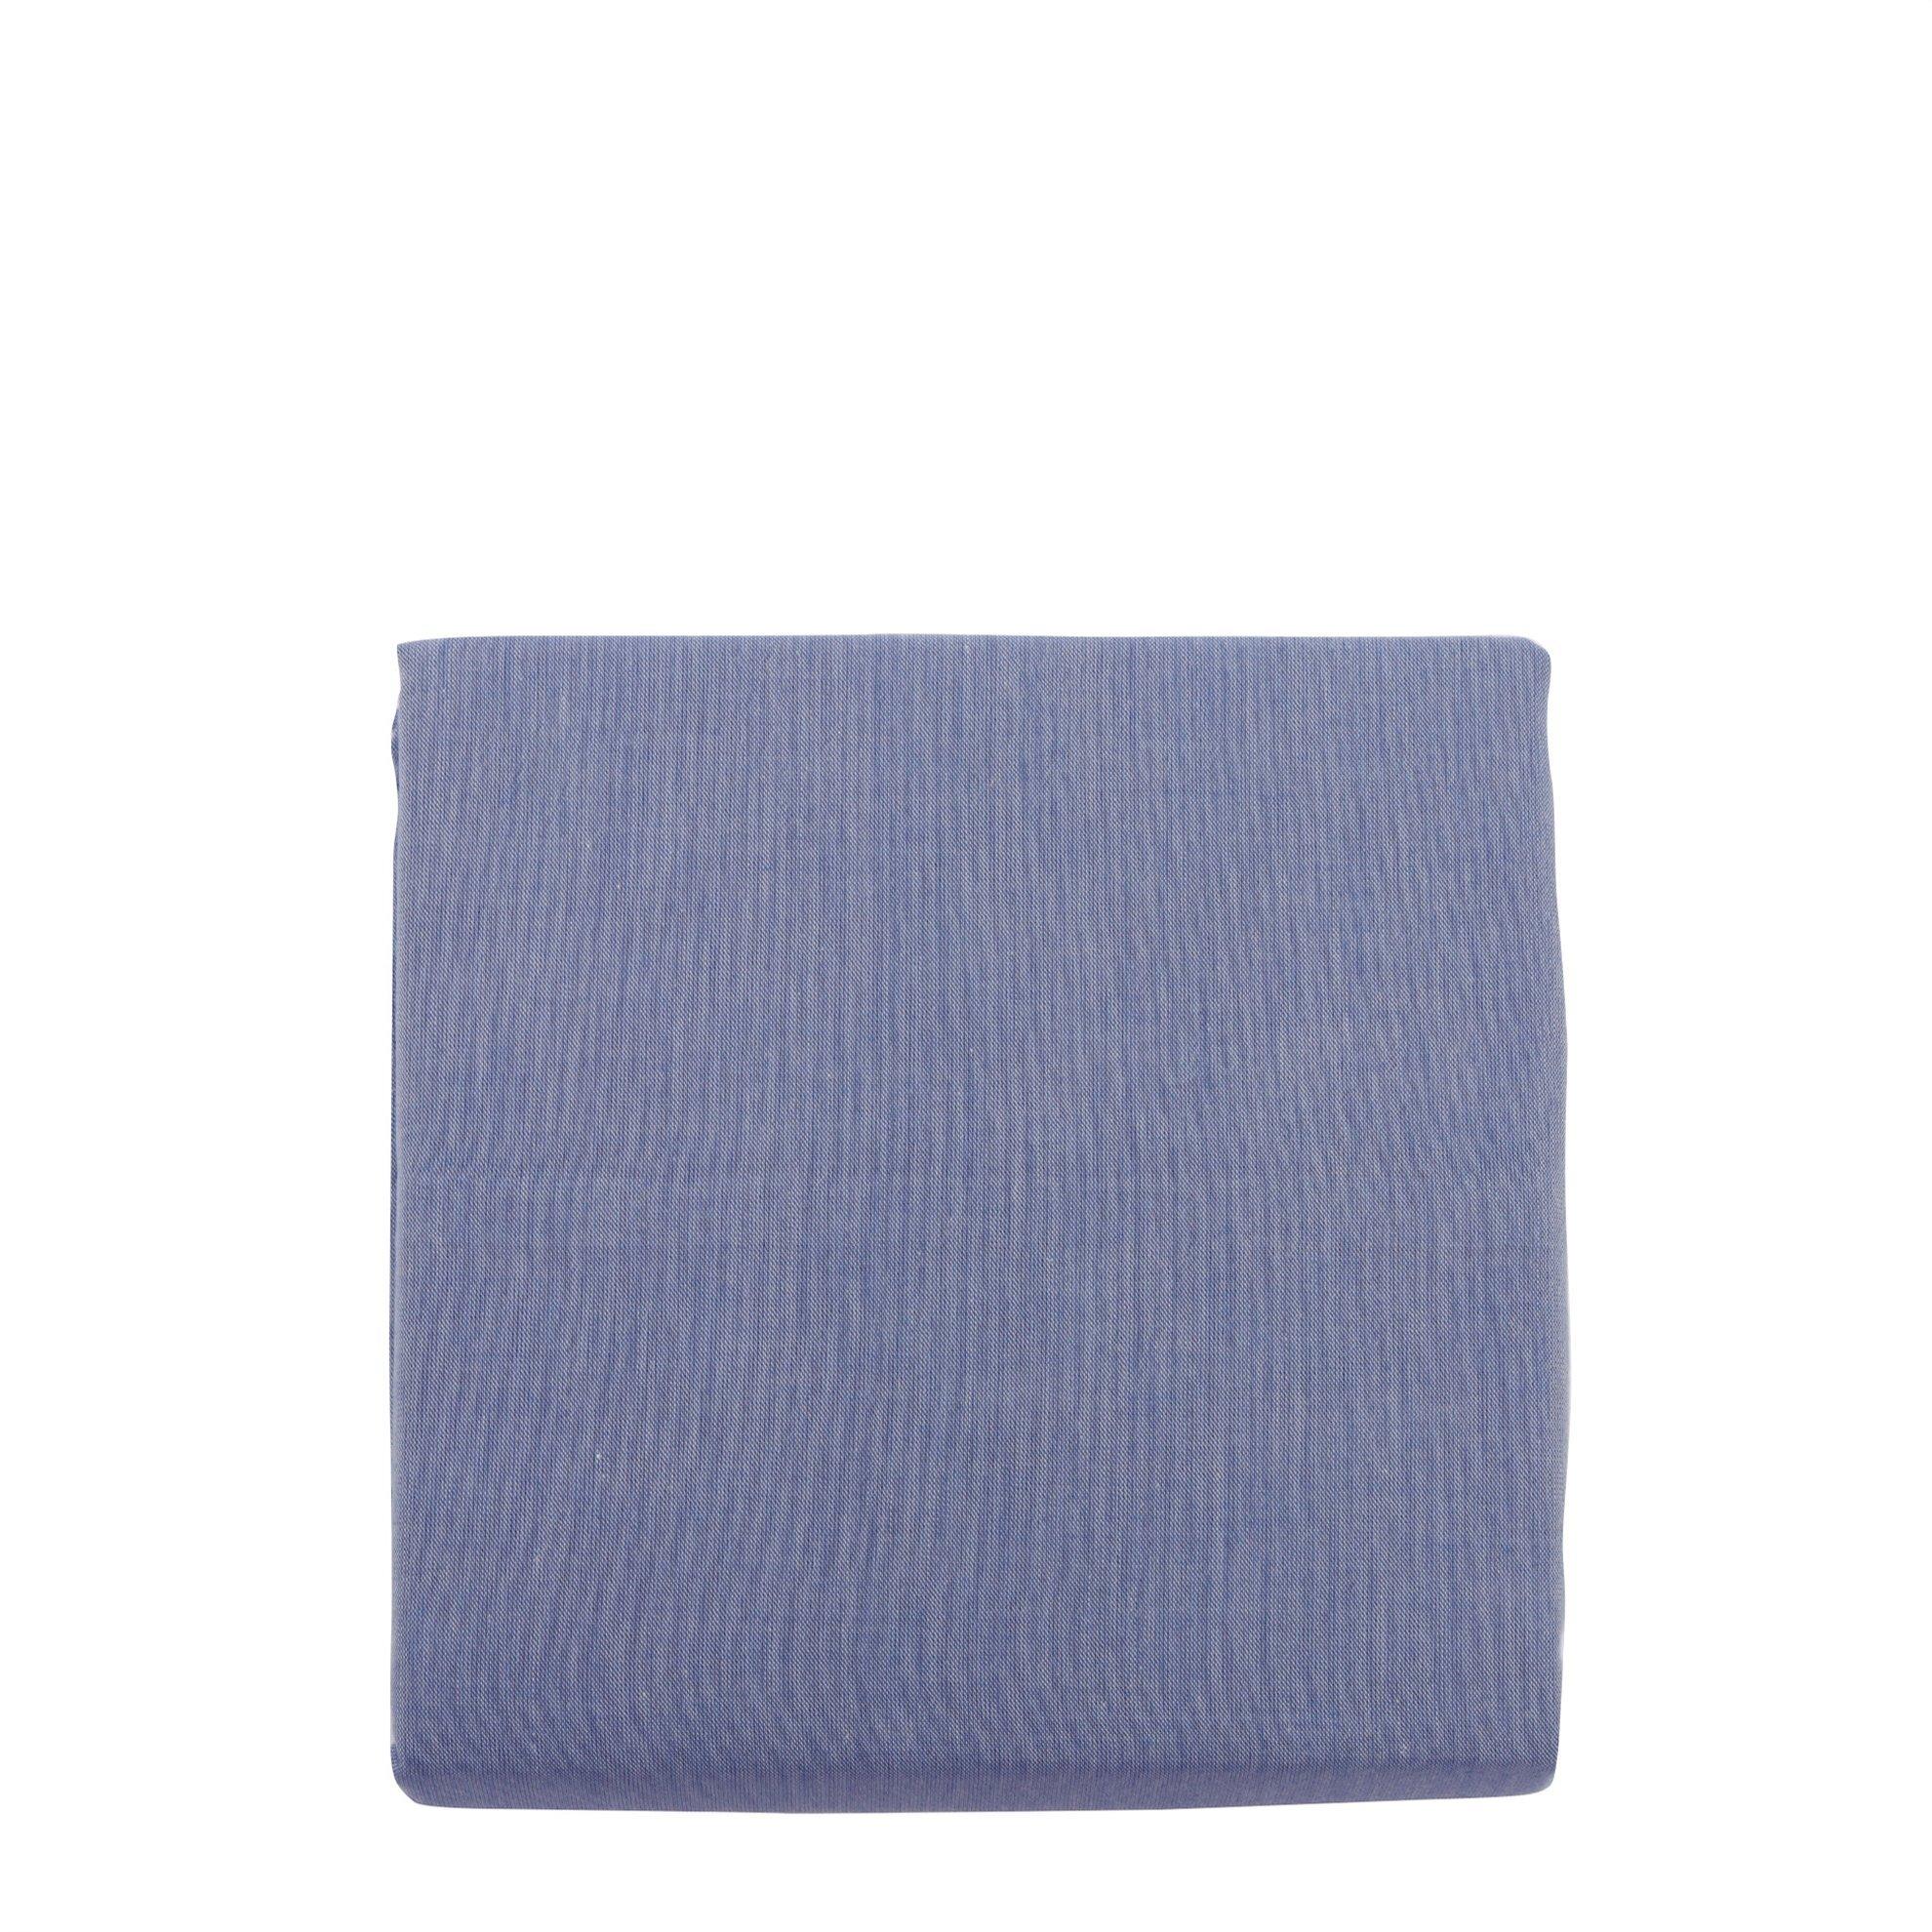 Esinti Mavi 2 Li Dekor Yastık Kılıfı (50x70cm)